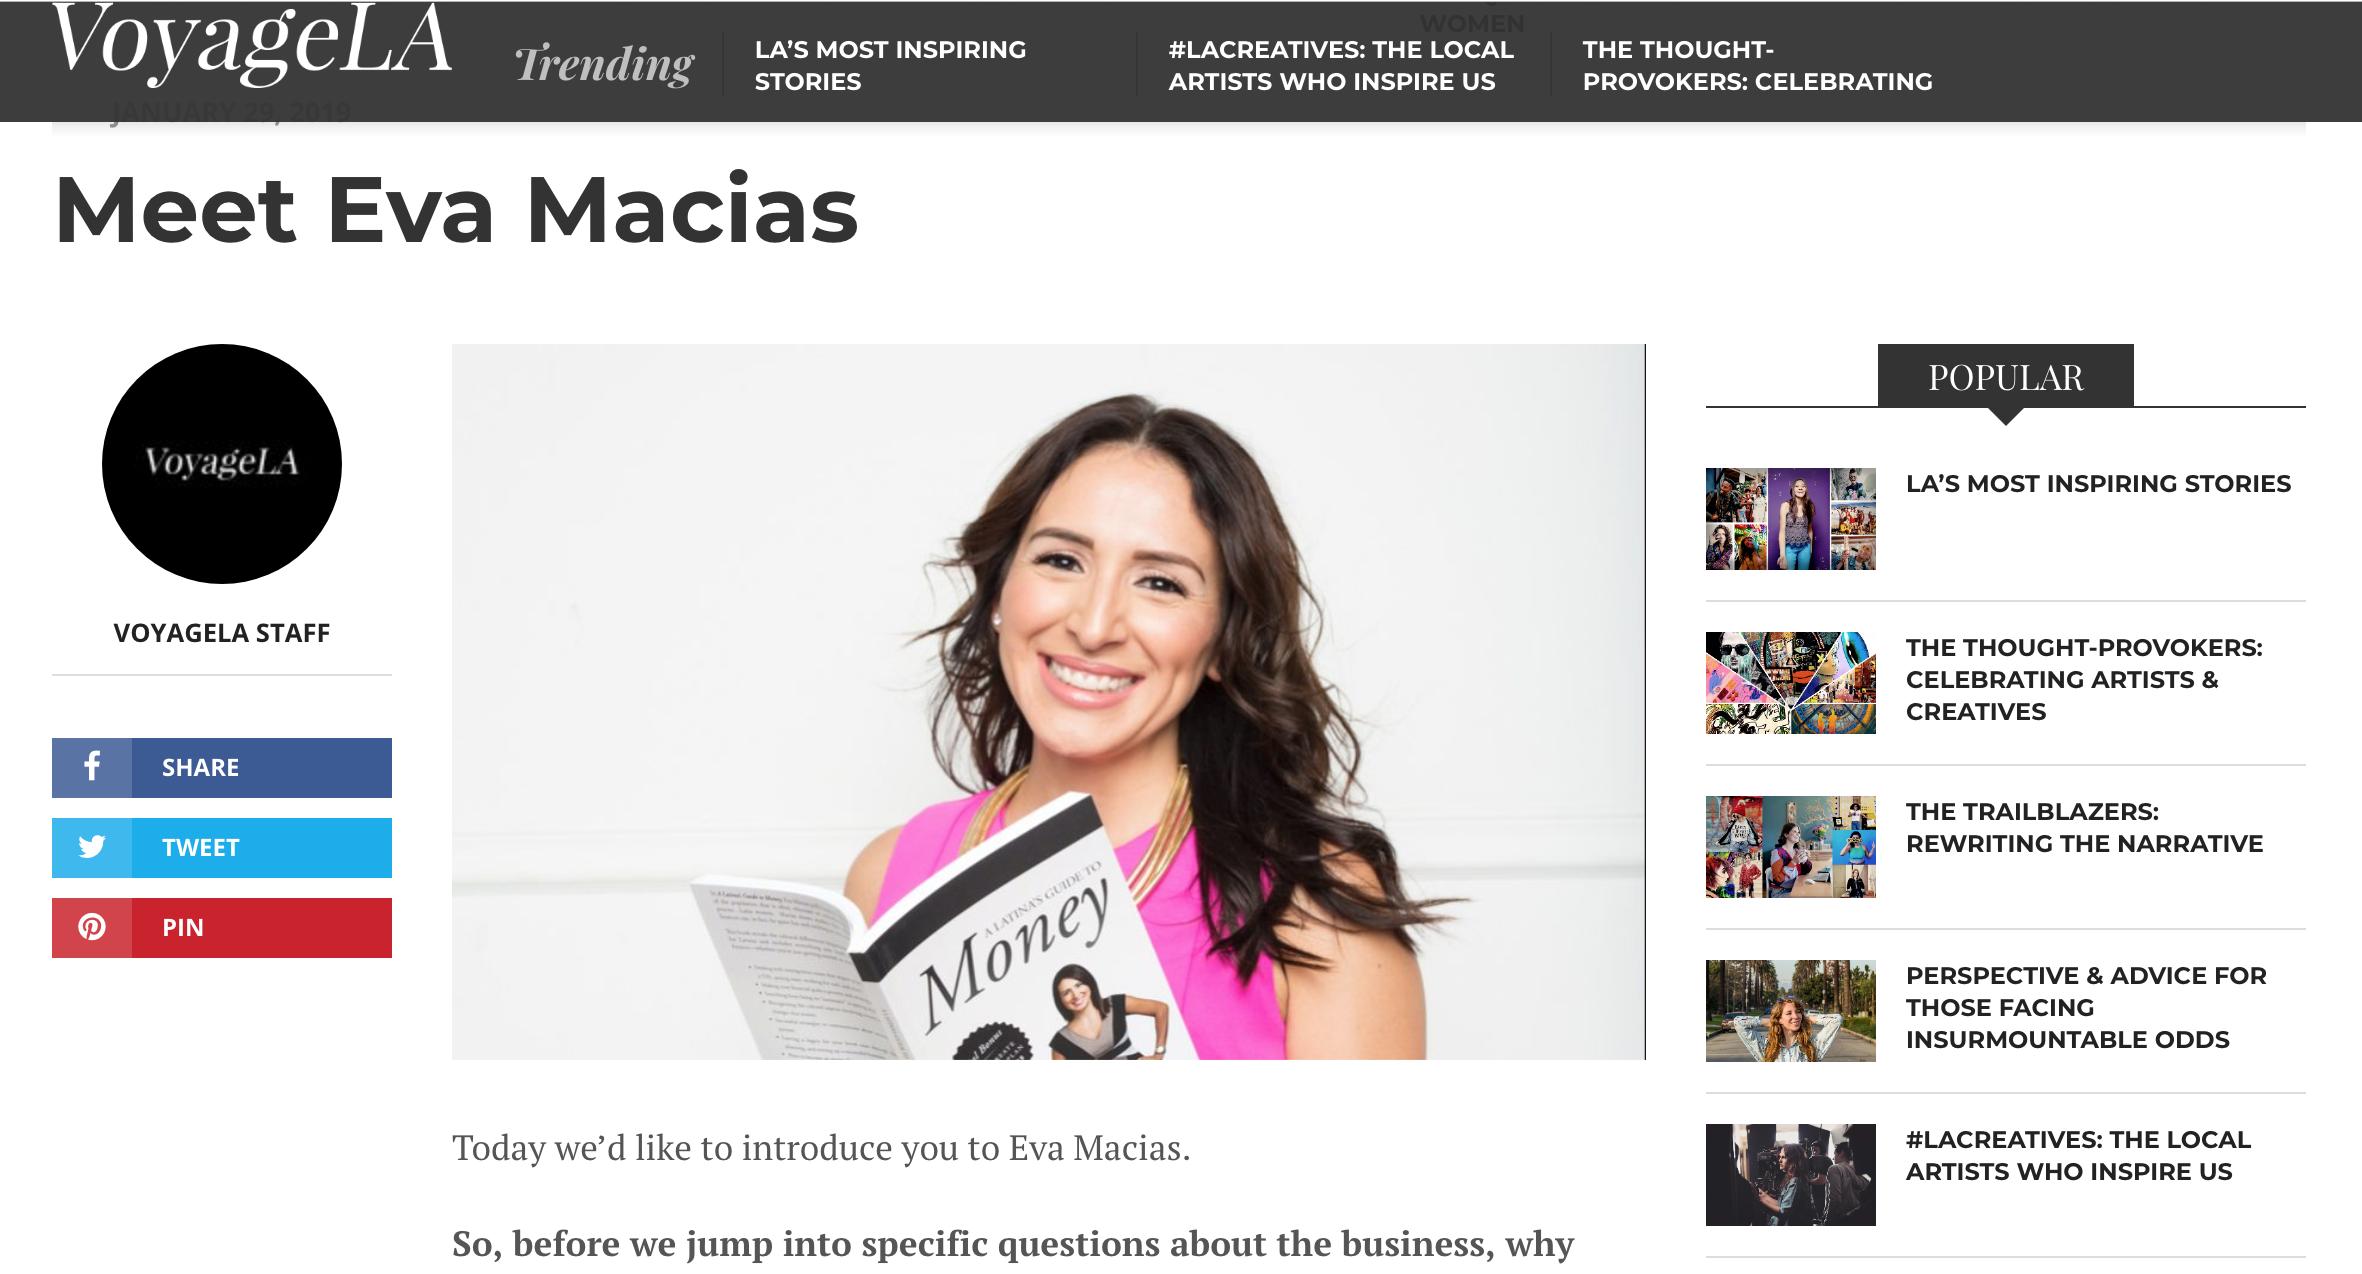 eva-macias-financial-expert-los-angeles-whittier-voyage-la